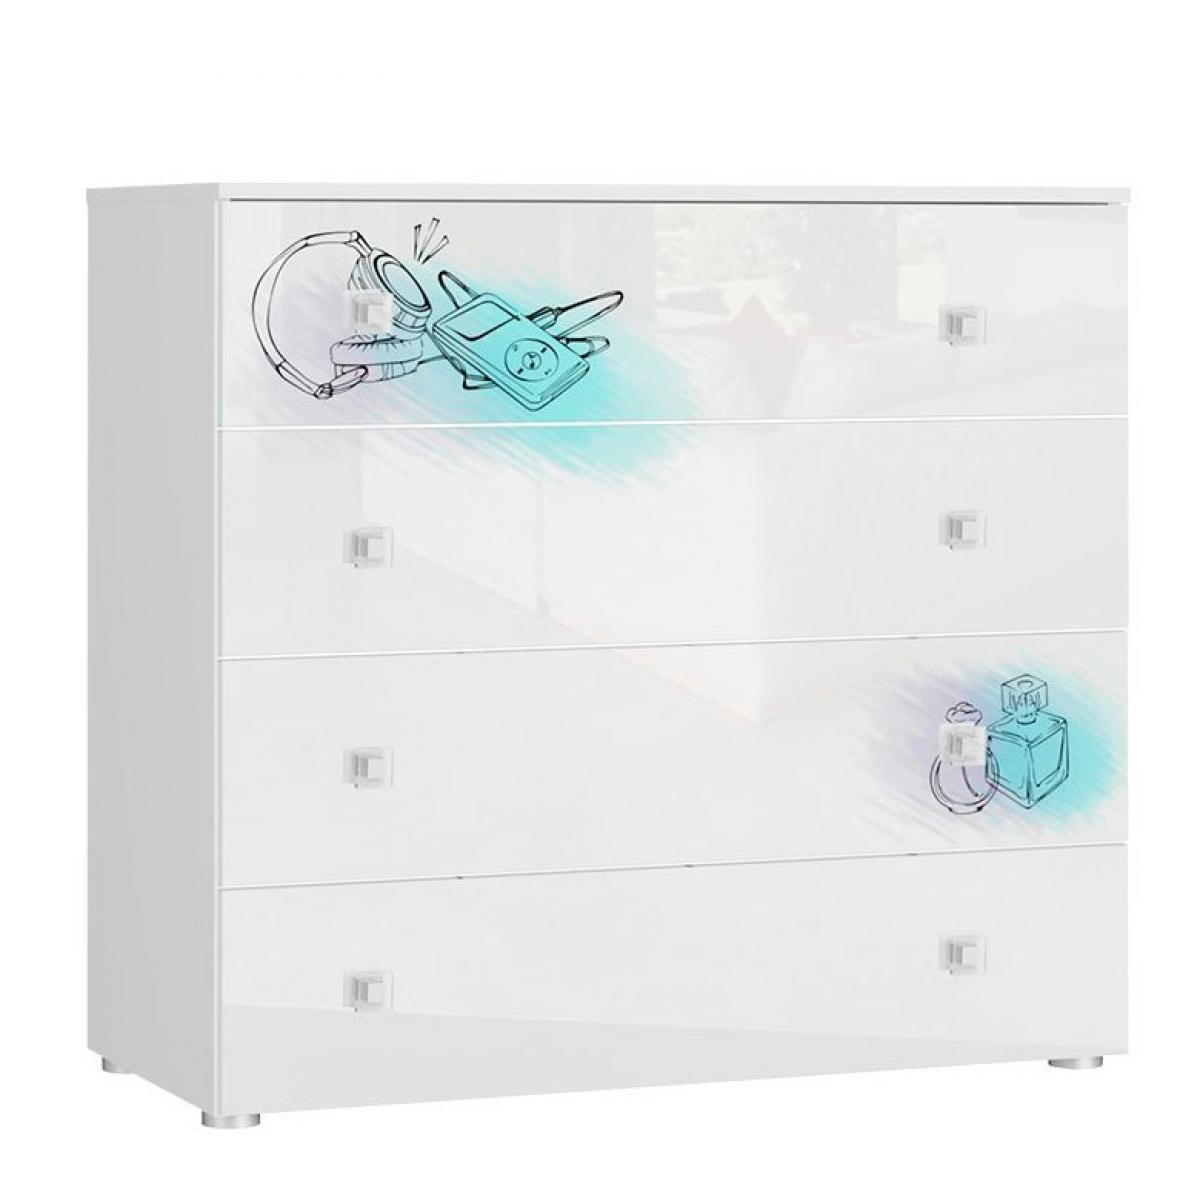 Hucoco BELLIO - Commode de rangement - 4 tiroirs - Mobilier chambre ado enfant - 100x93x47 cm - Finition blanc laquée - Blanc